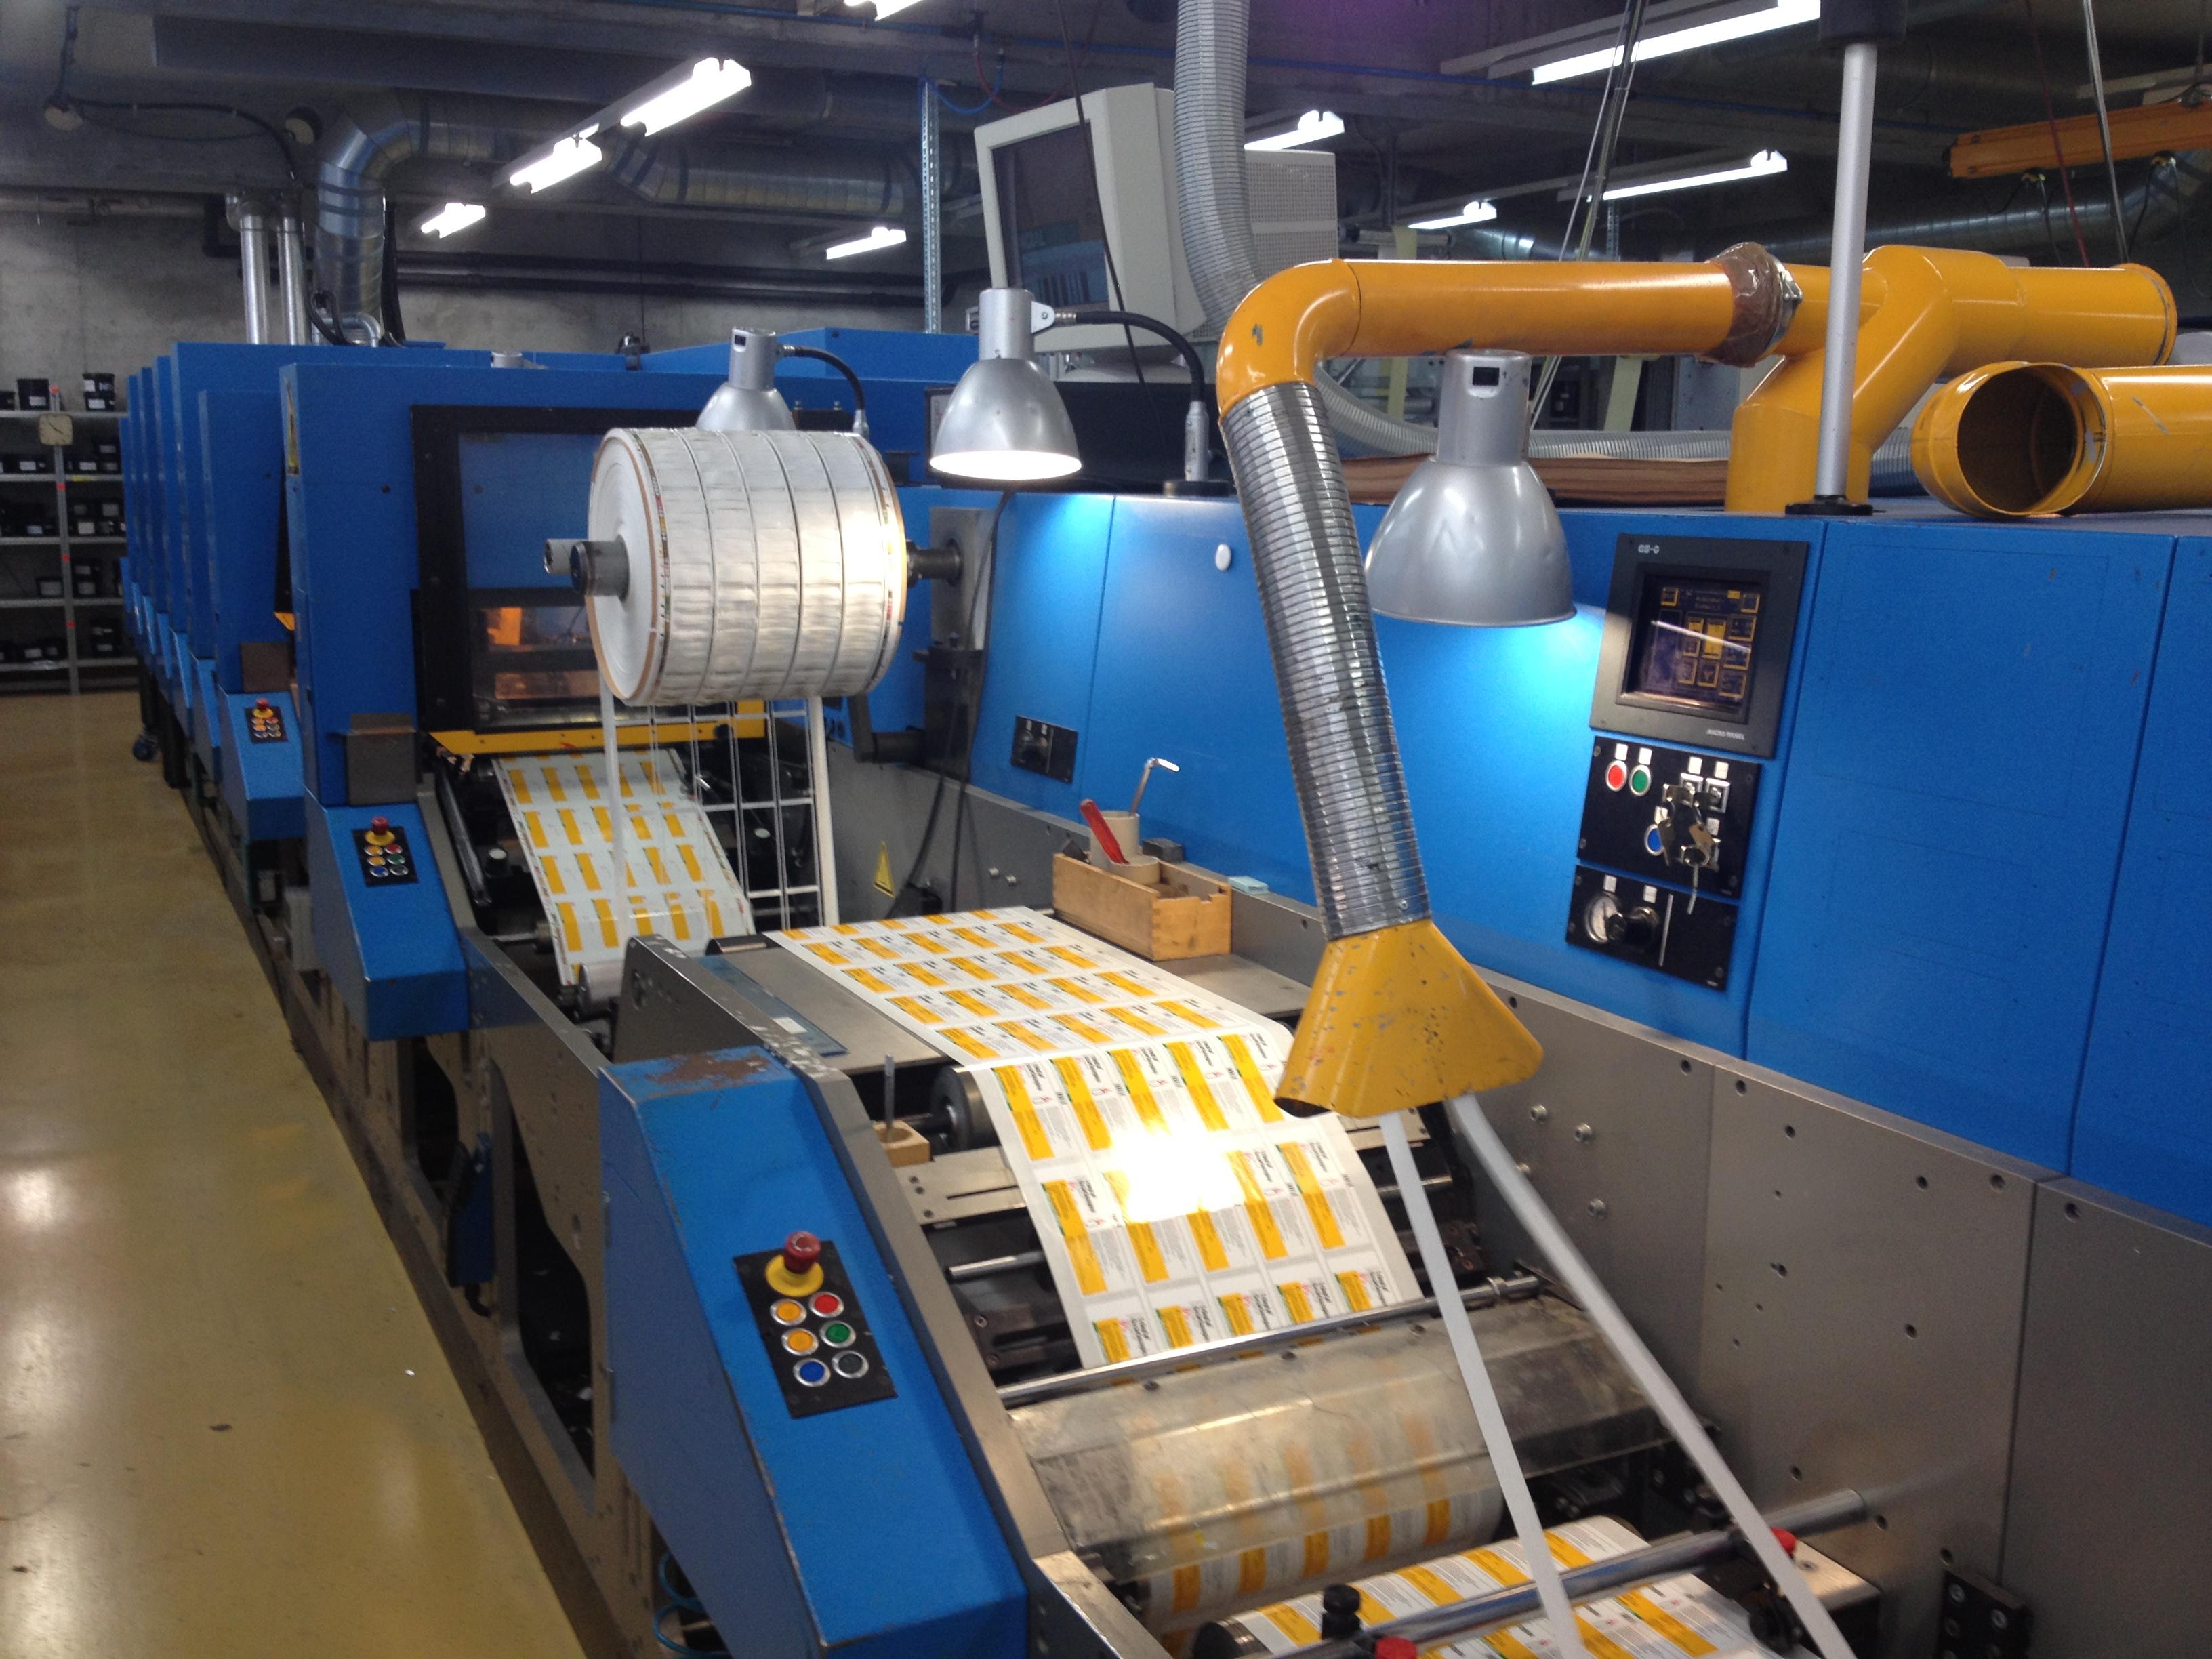 Ilma Druckmaschine um farbige Etiketten zu produzieren